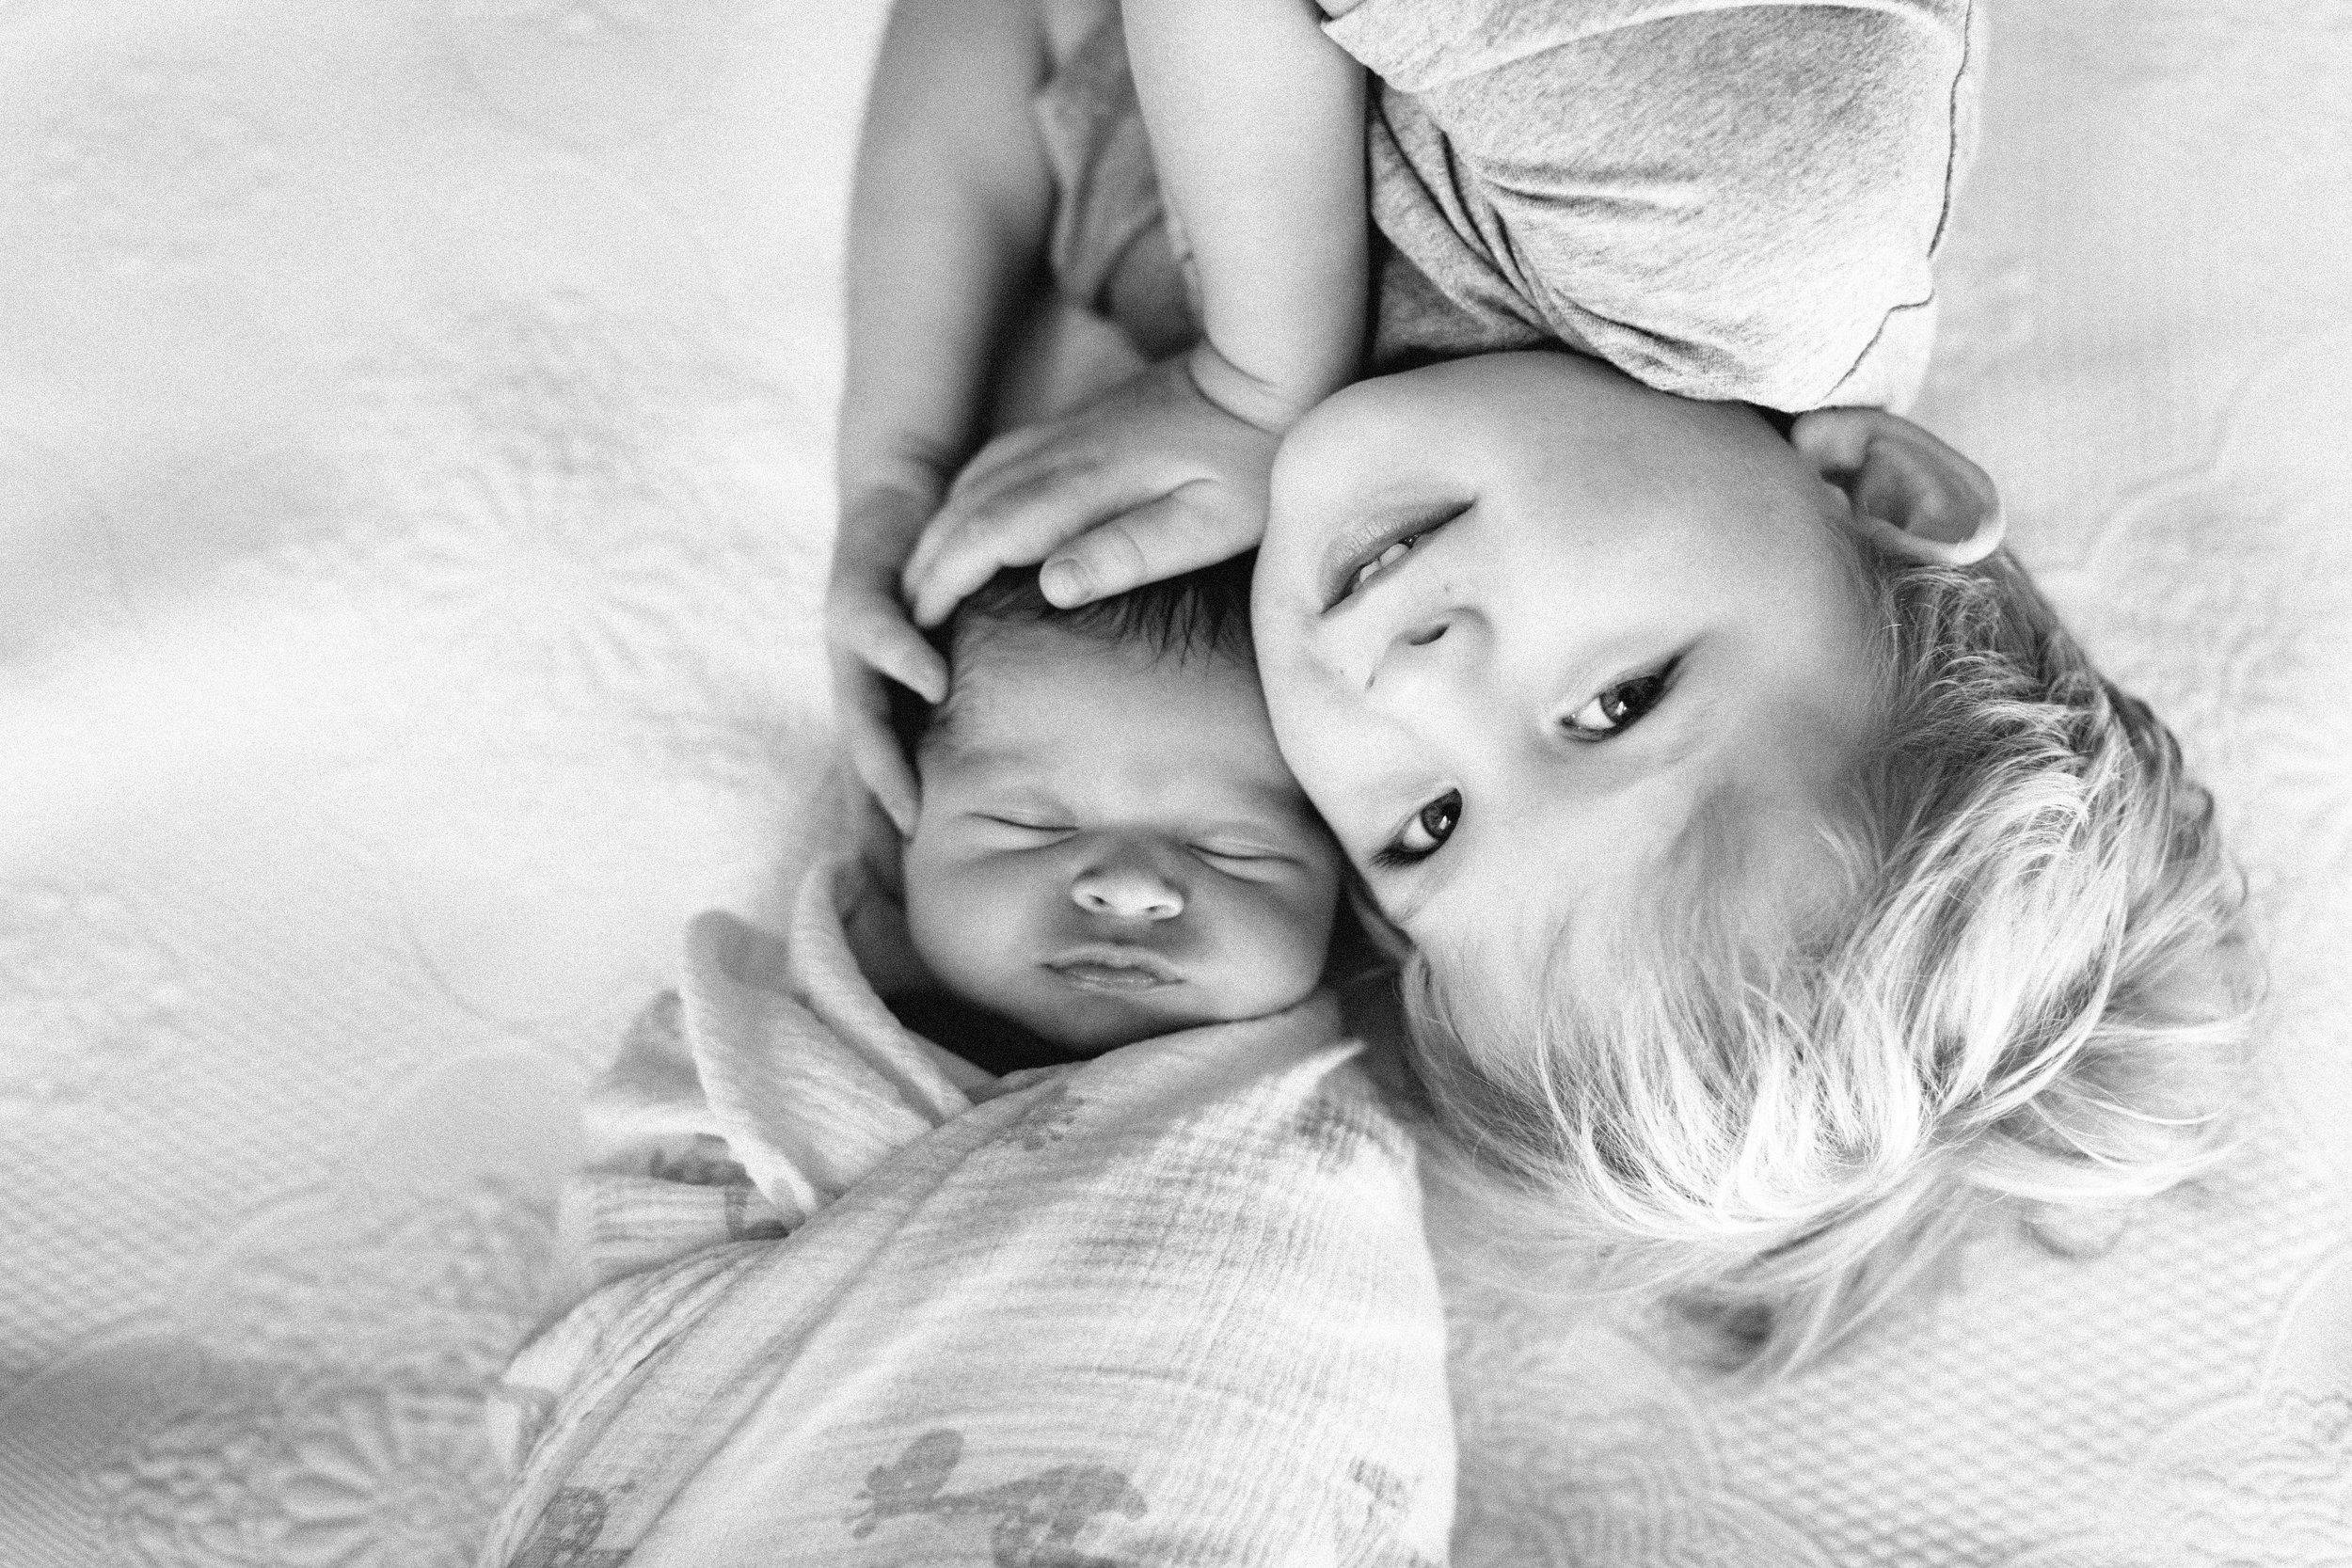 swp_sonnierj_newborn_0004.jpg